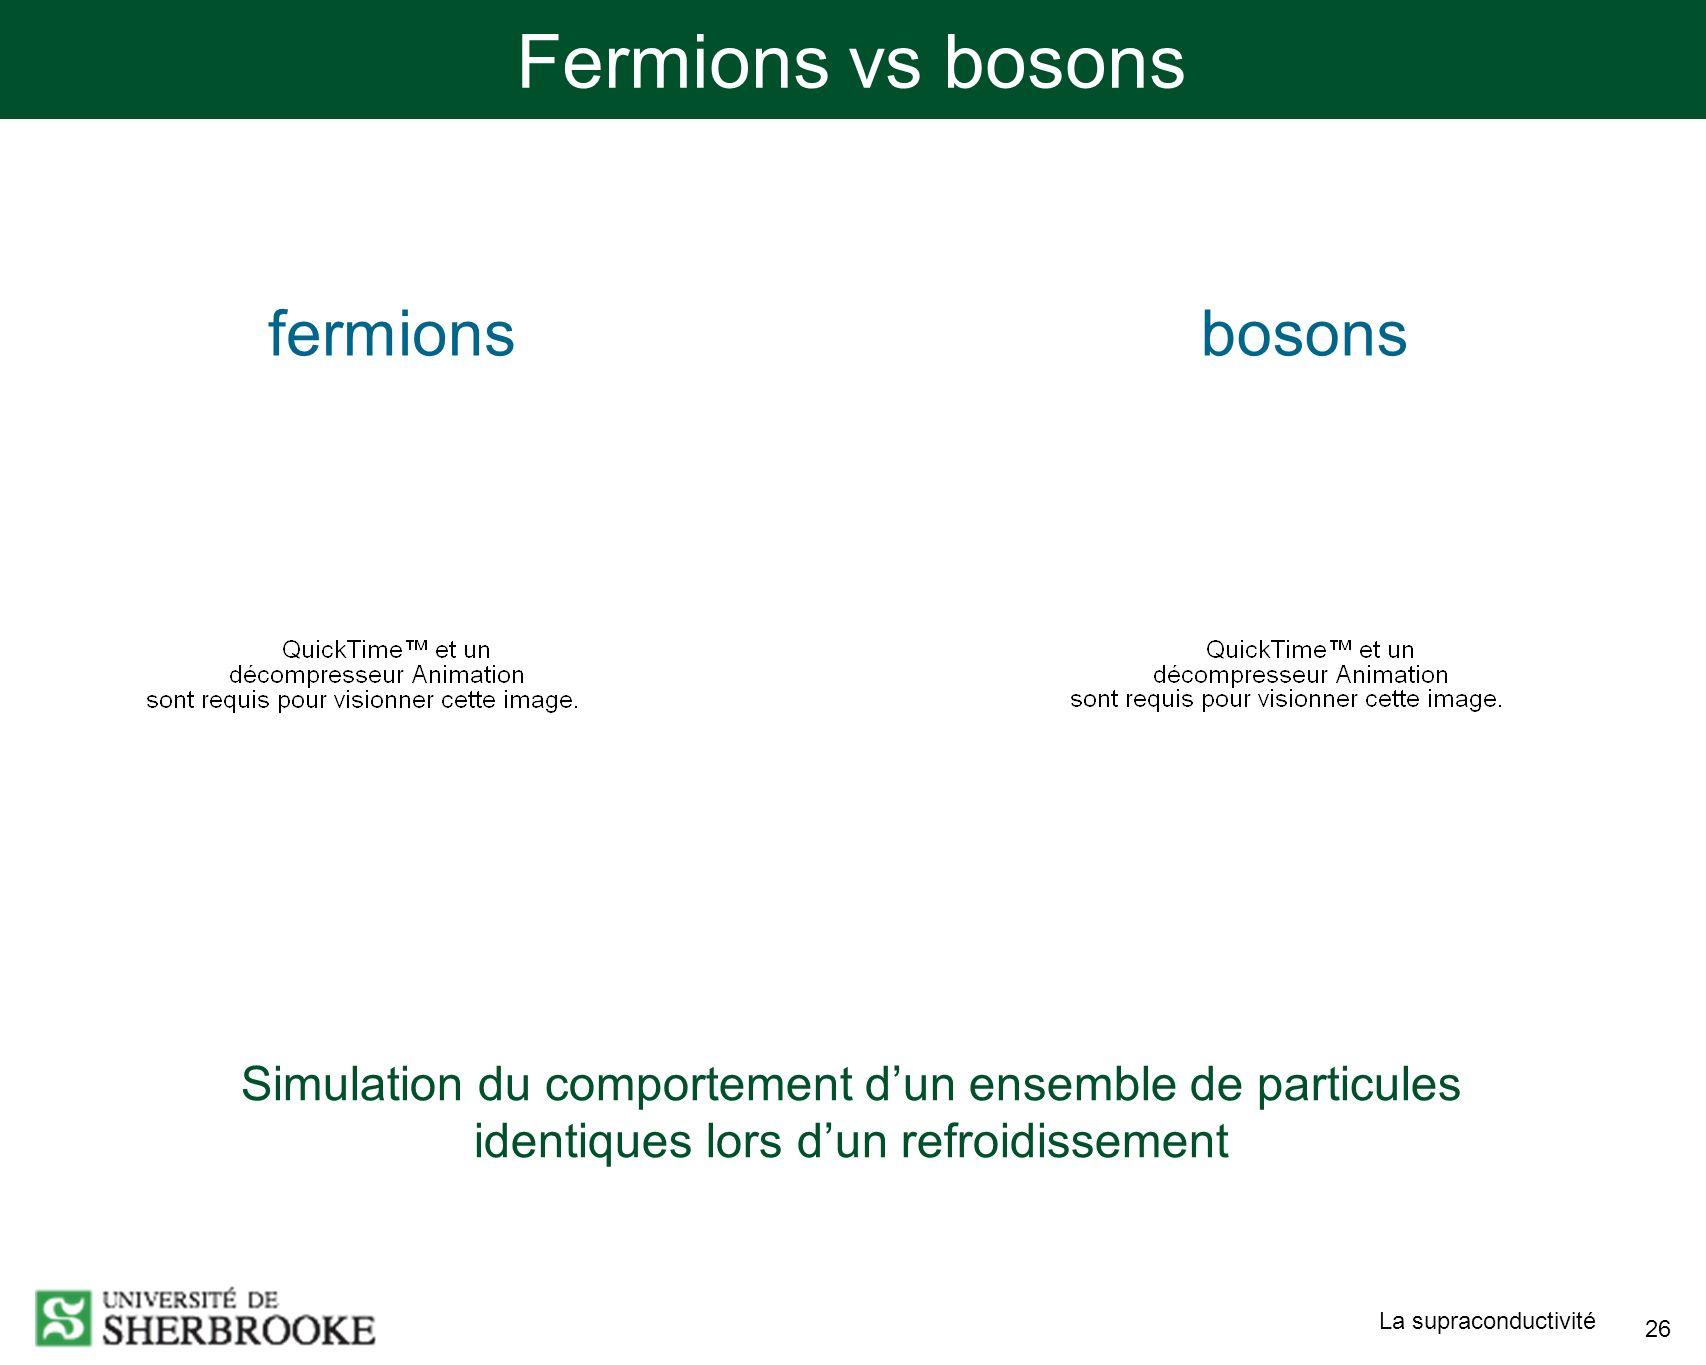 La supraconductivité 26 Fermions vs bosons fermionsbosons Simulation du comportement dun ensemble de particules identiques lors dun refroidissement